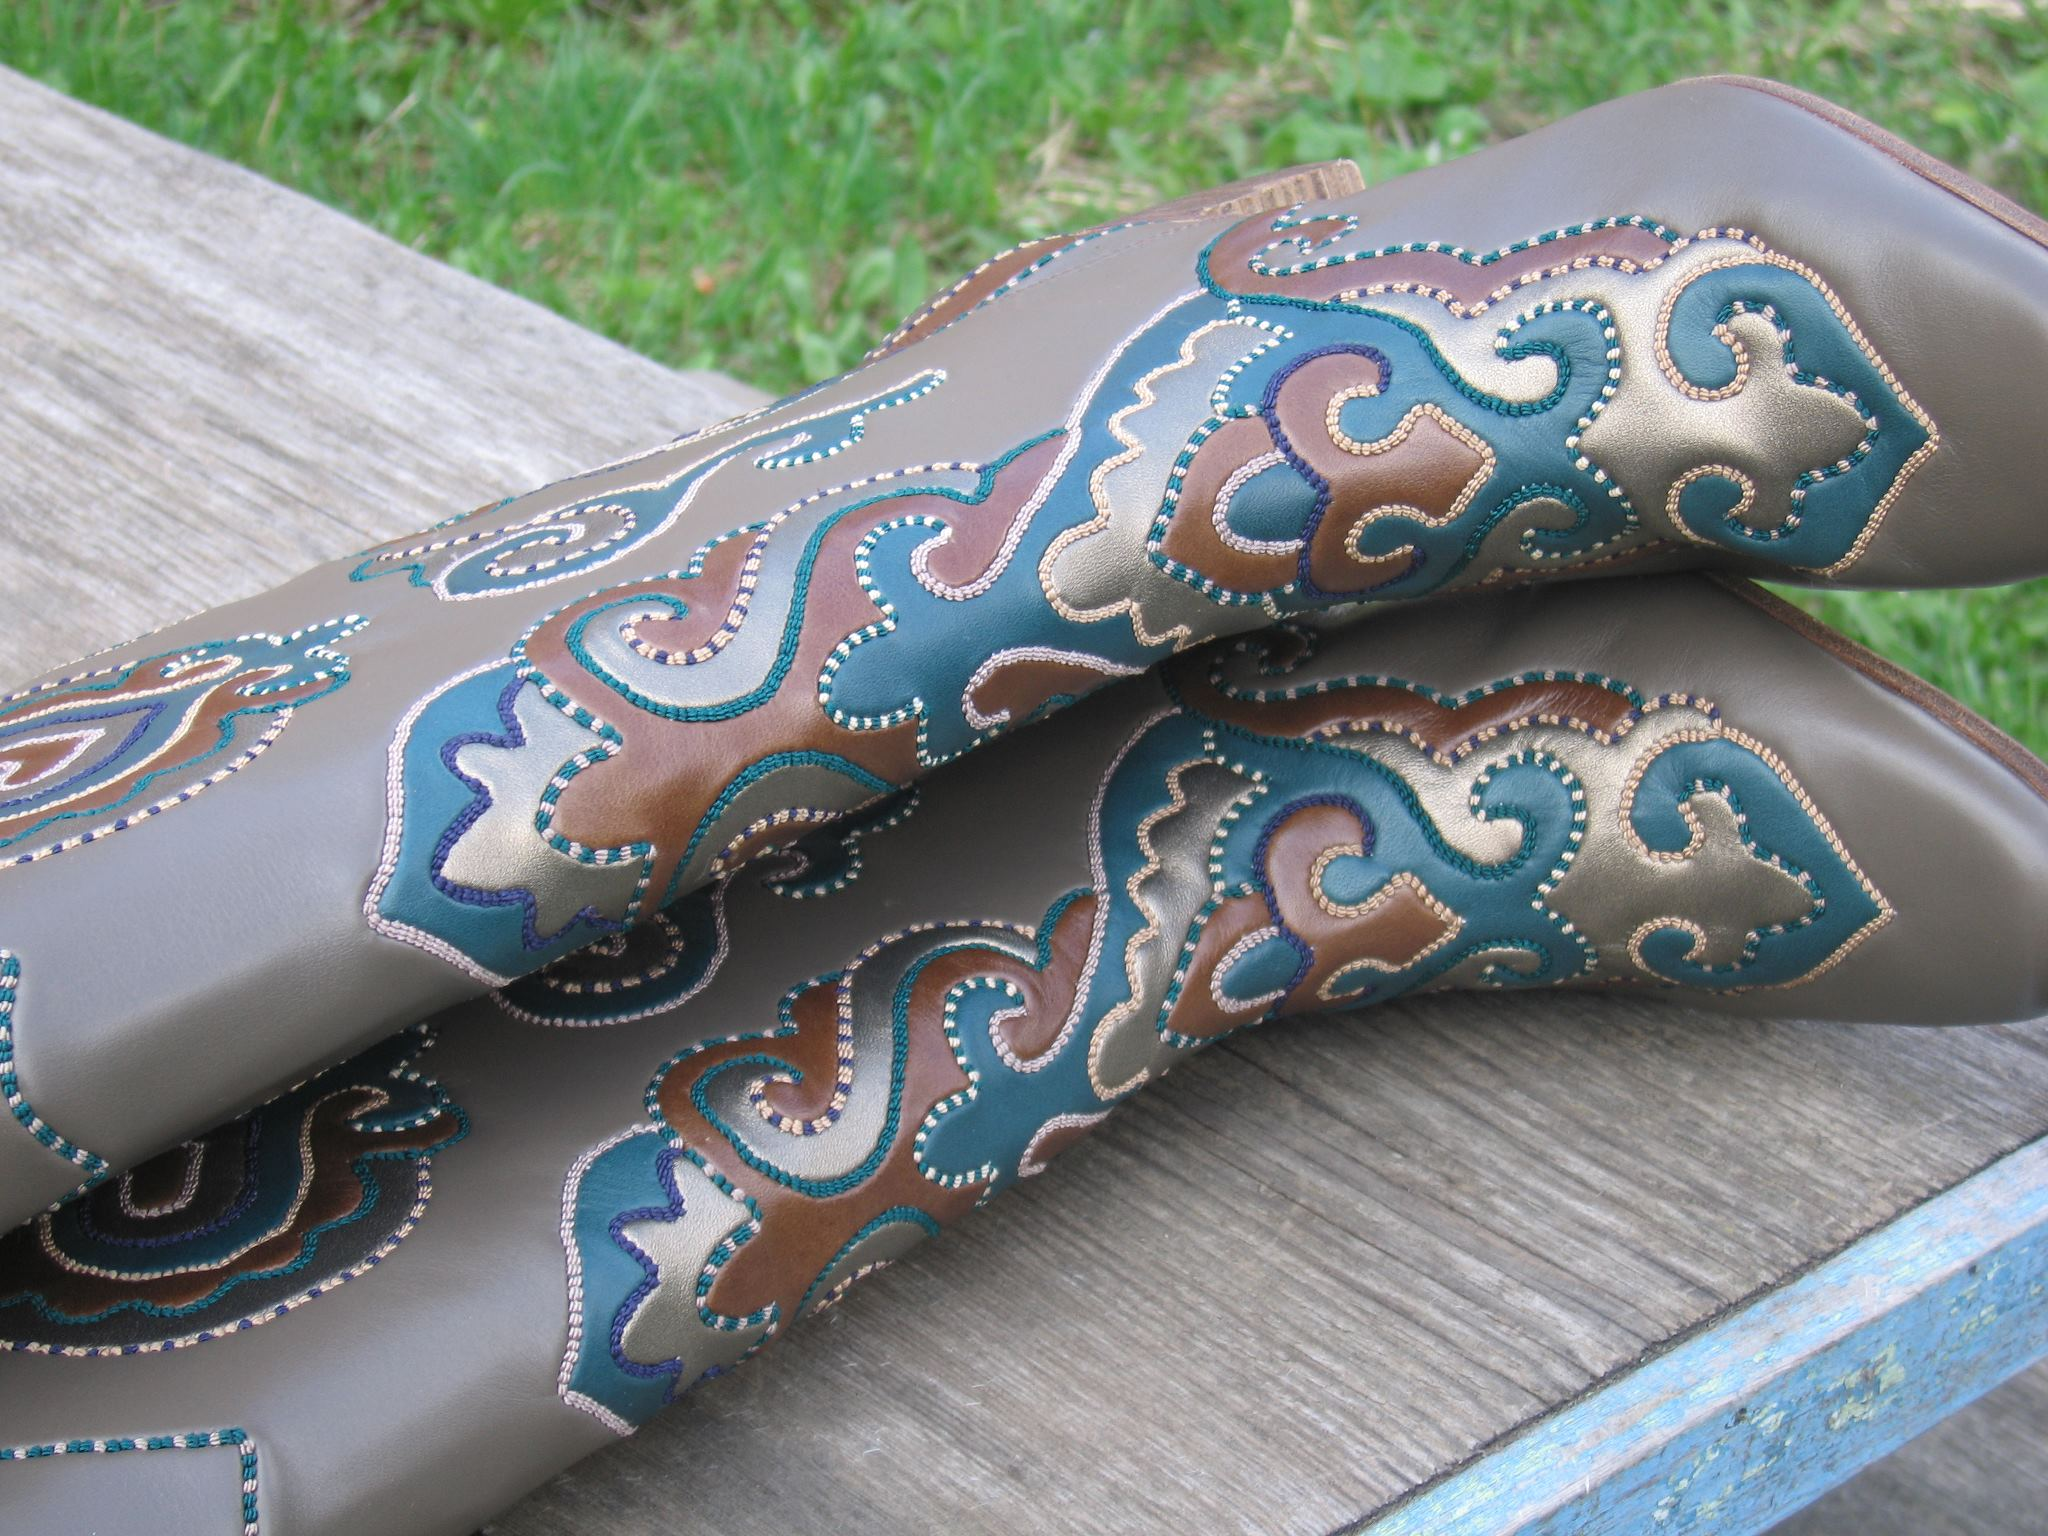 New Sah boots